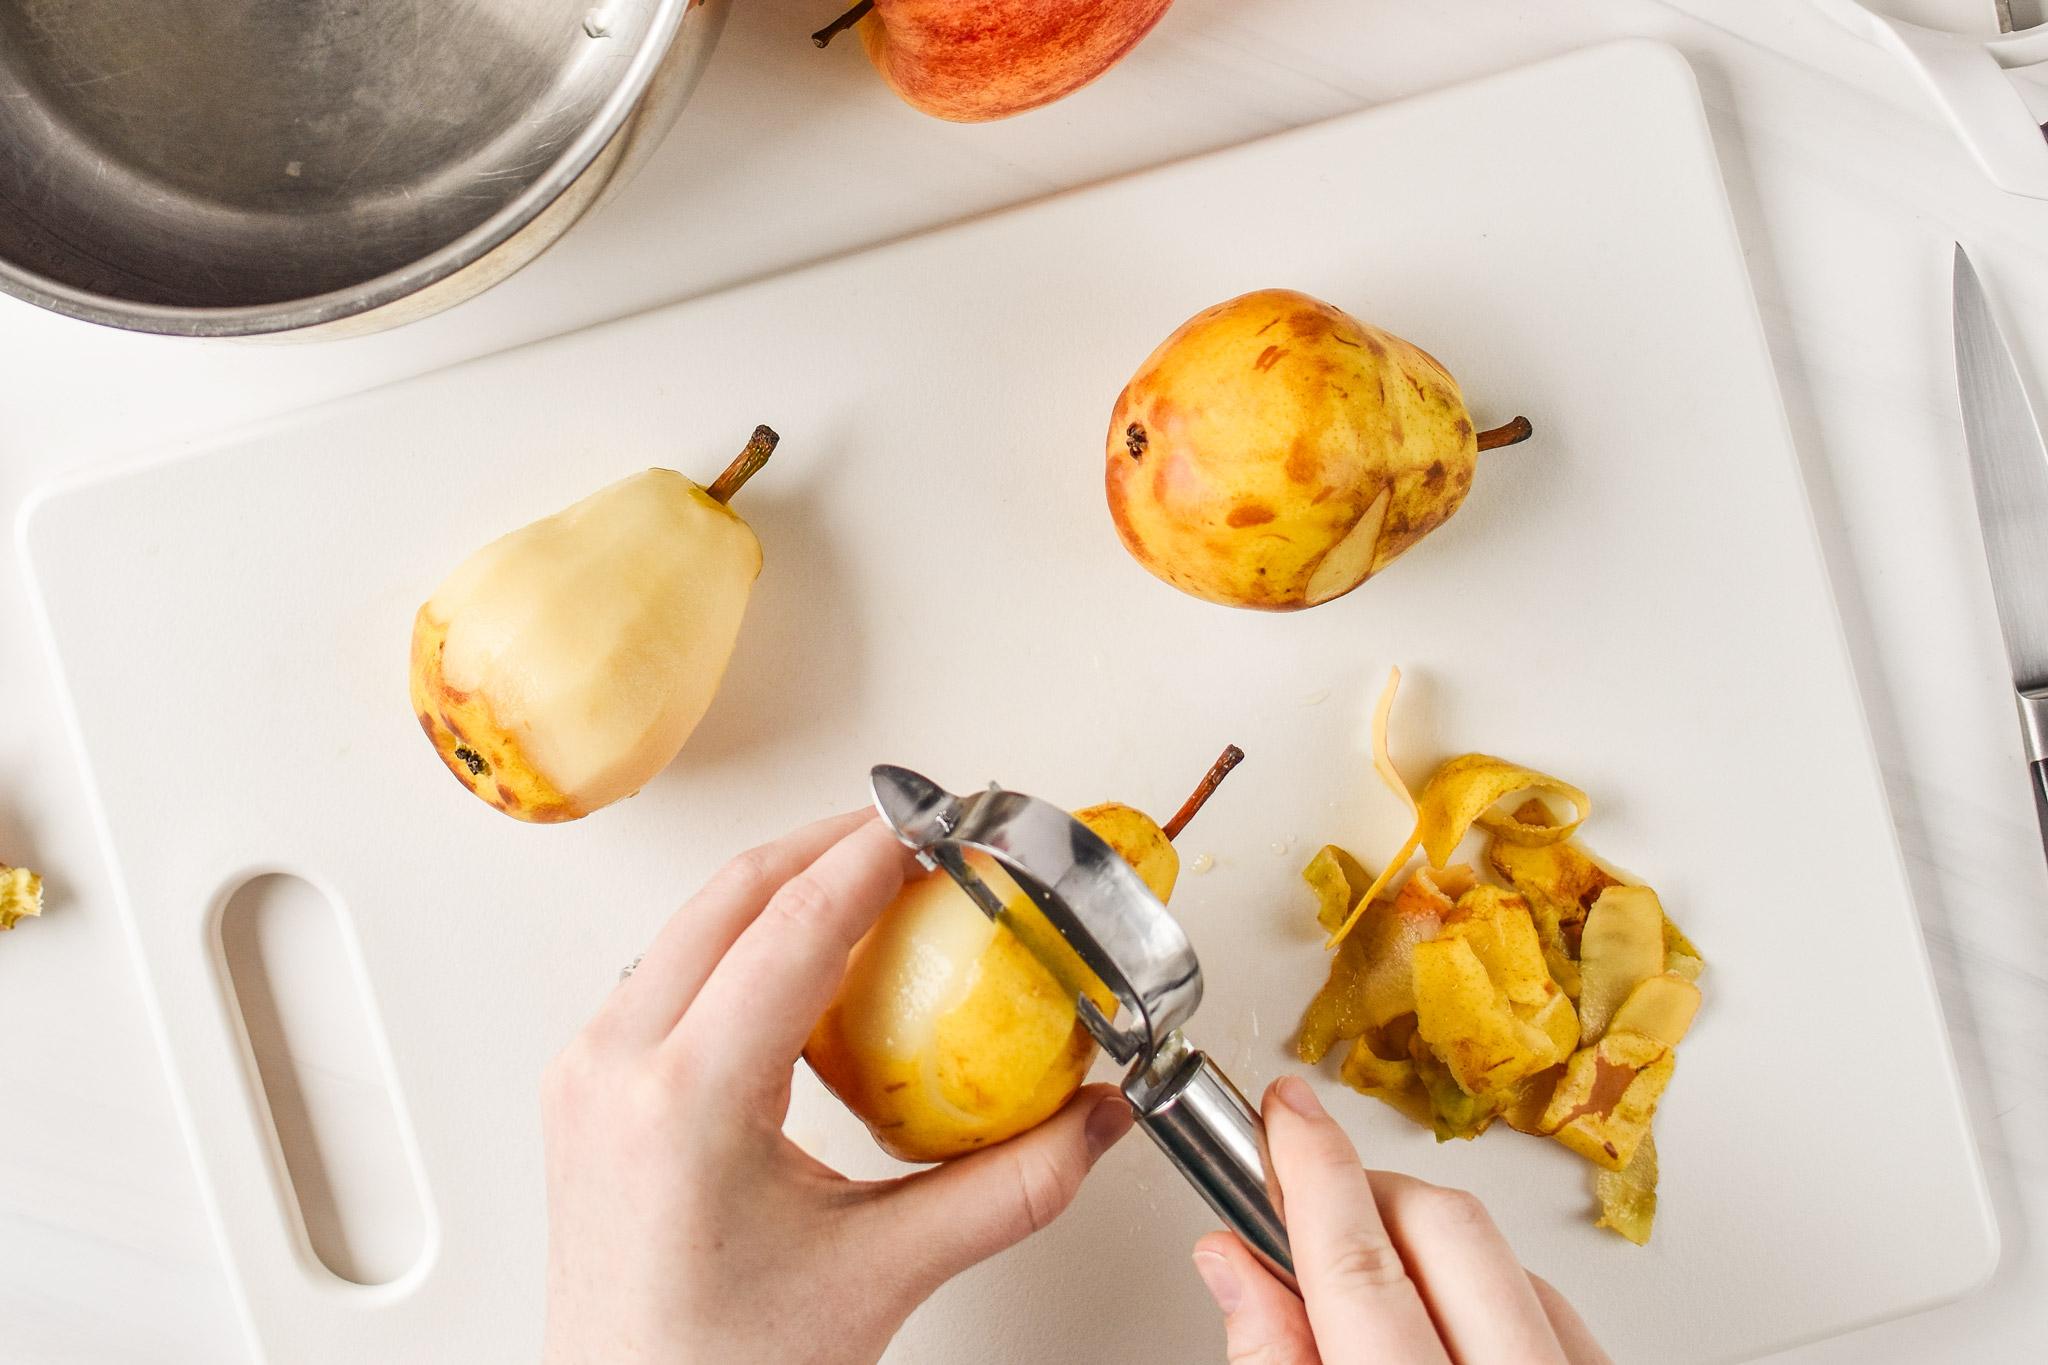 Peeling pears for Ginger Pear Cinnamon Applesauce